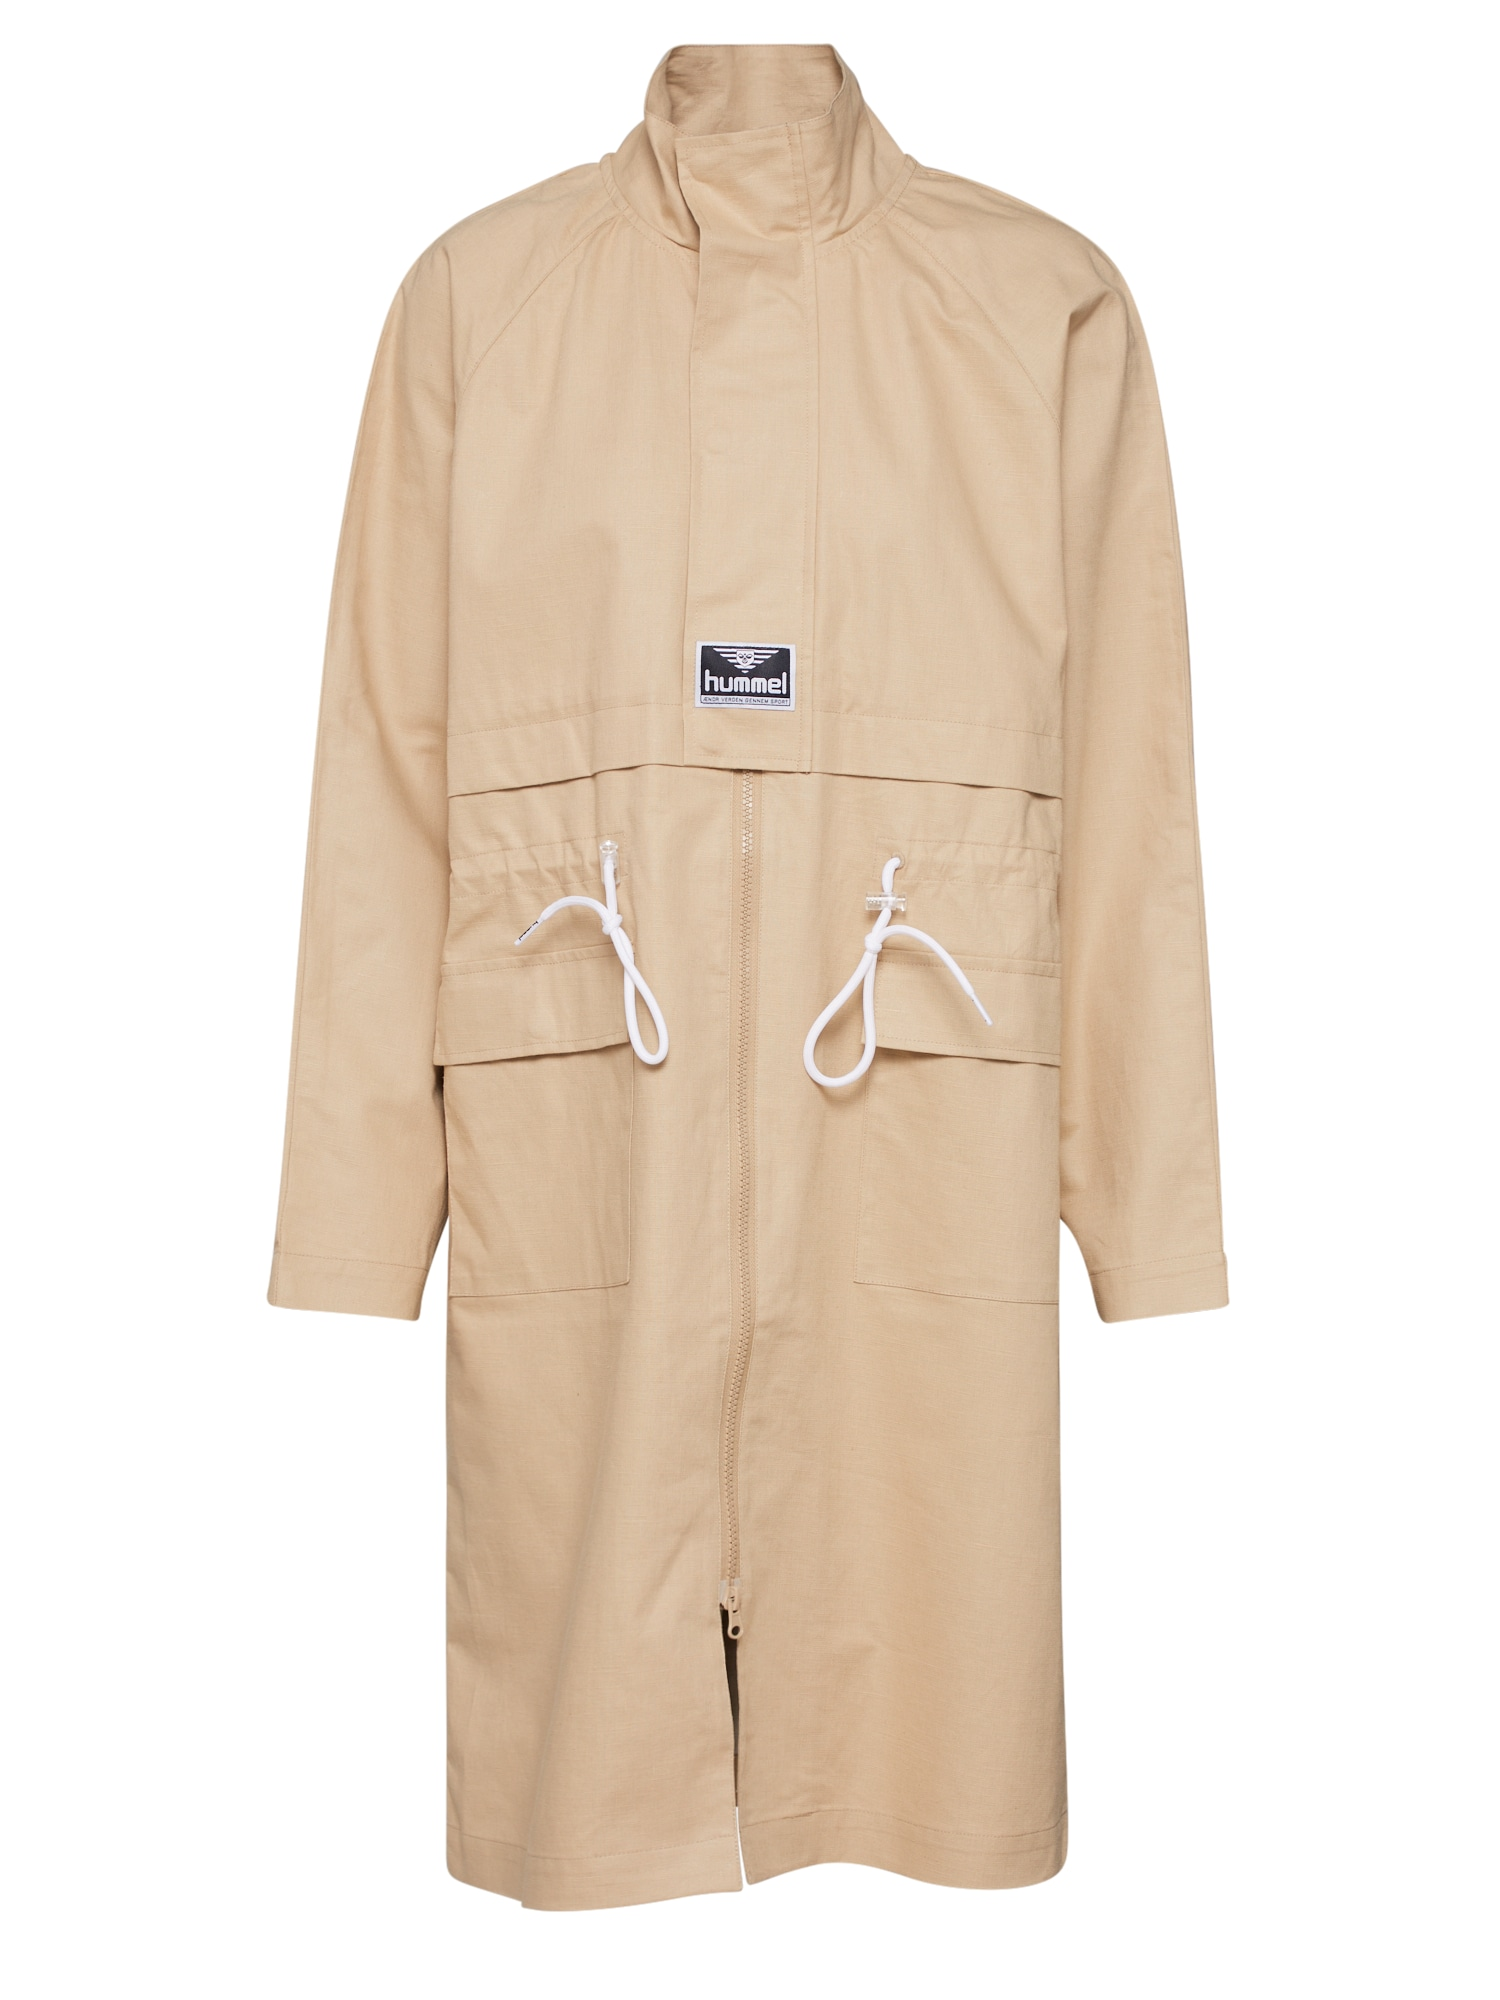 Hummel Hive Přechodný kabát  béžová